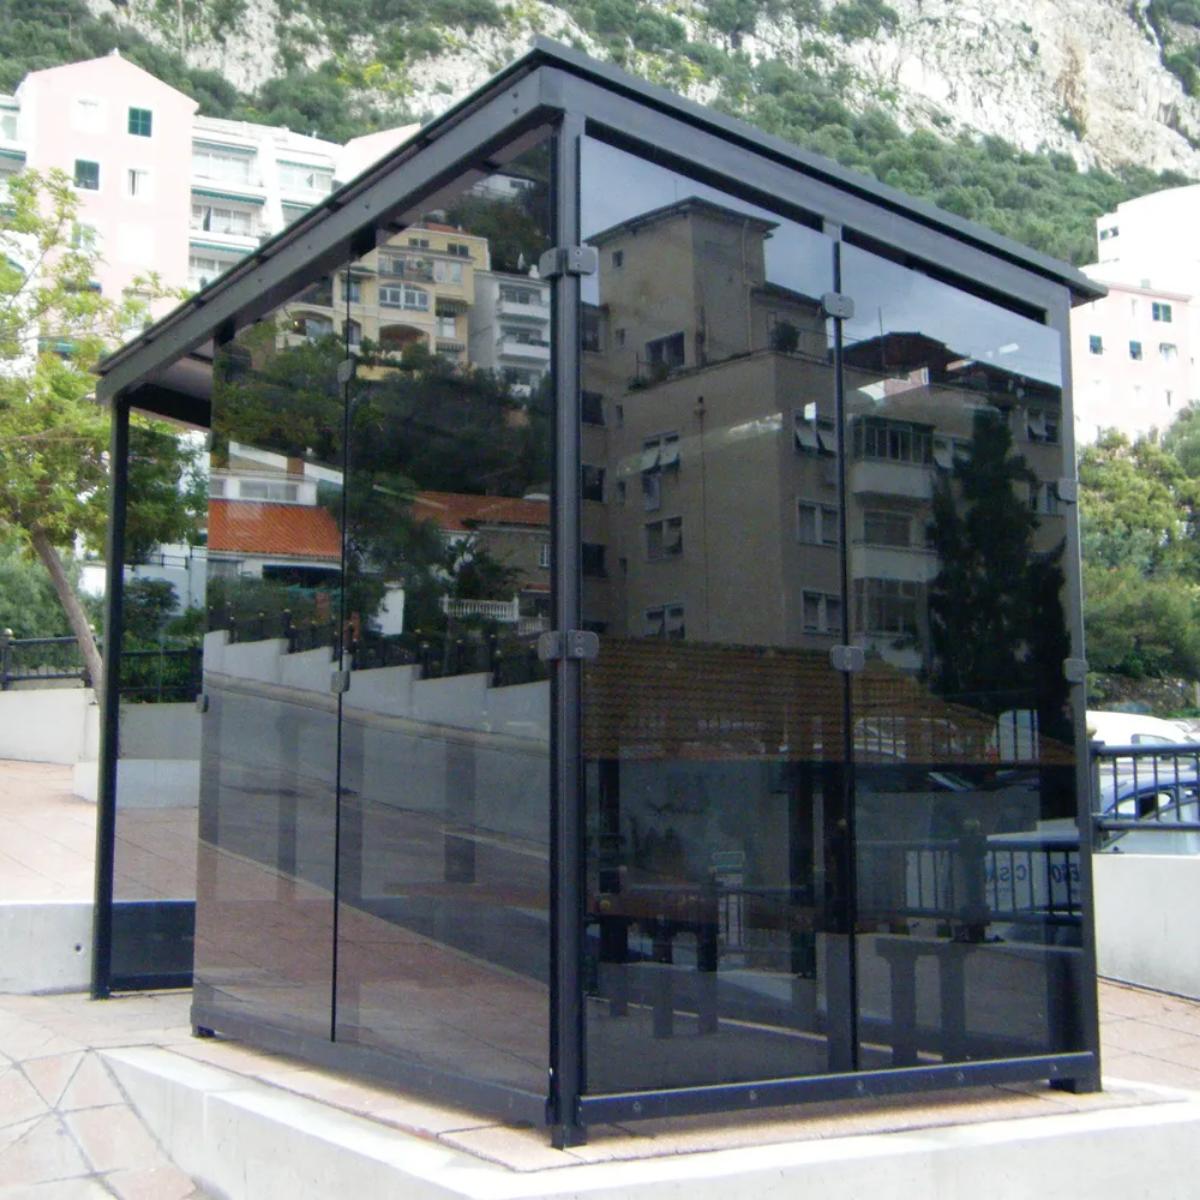 Gibraltar Passenger Shelter